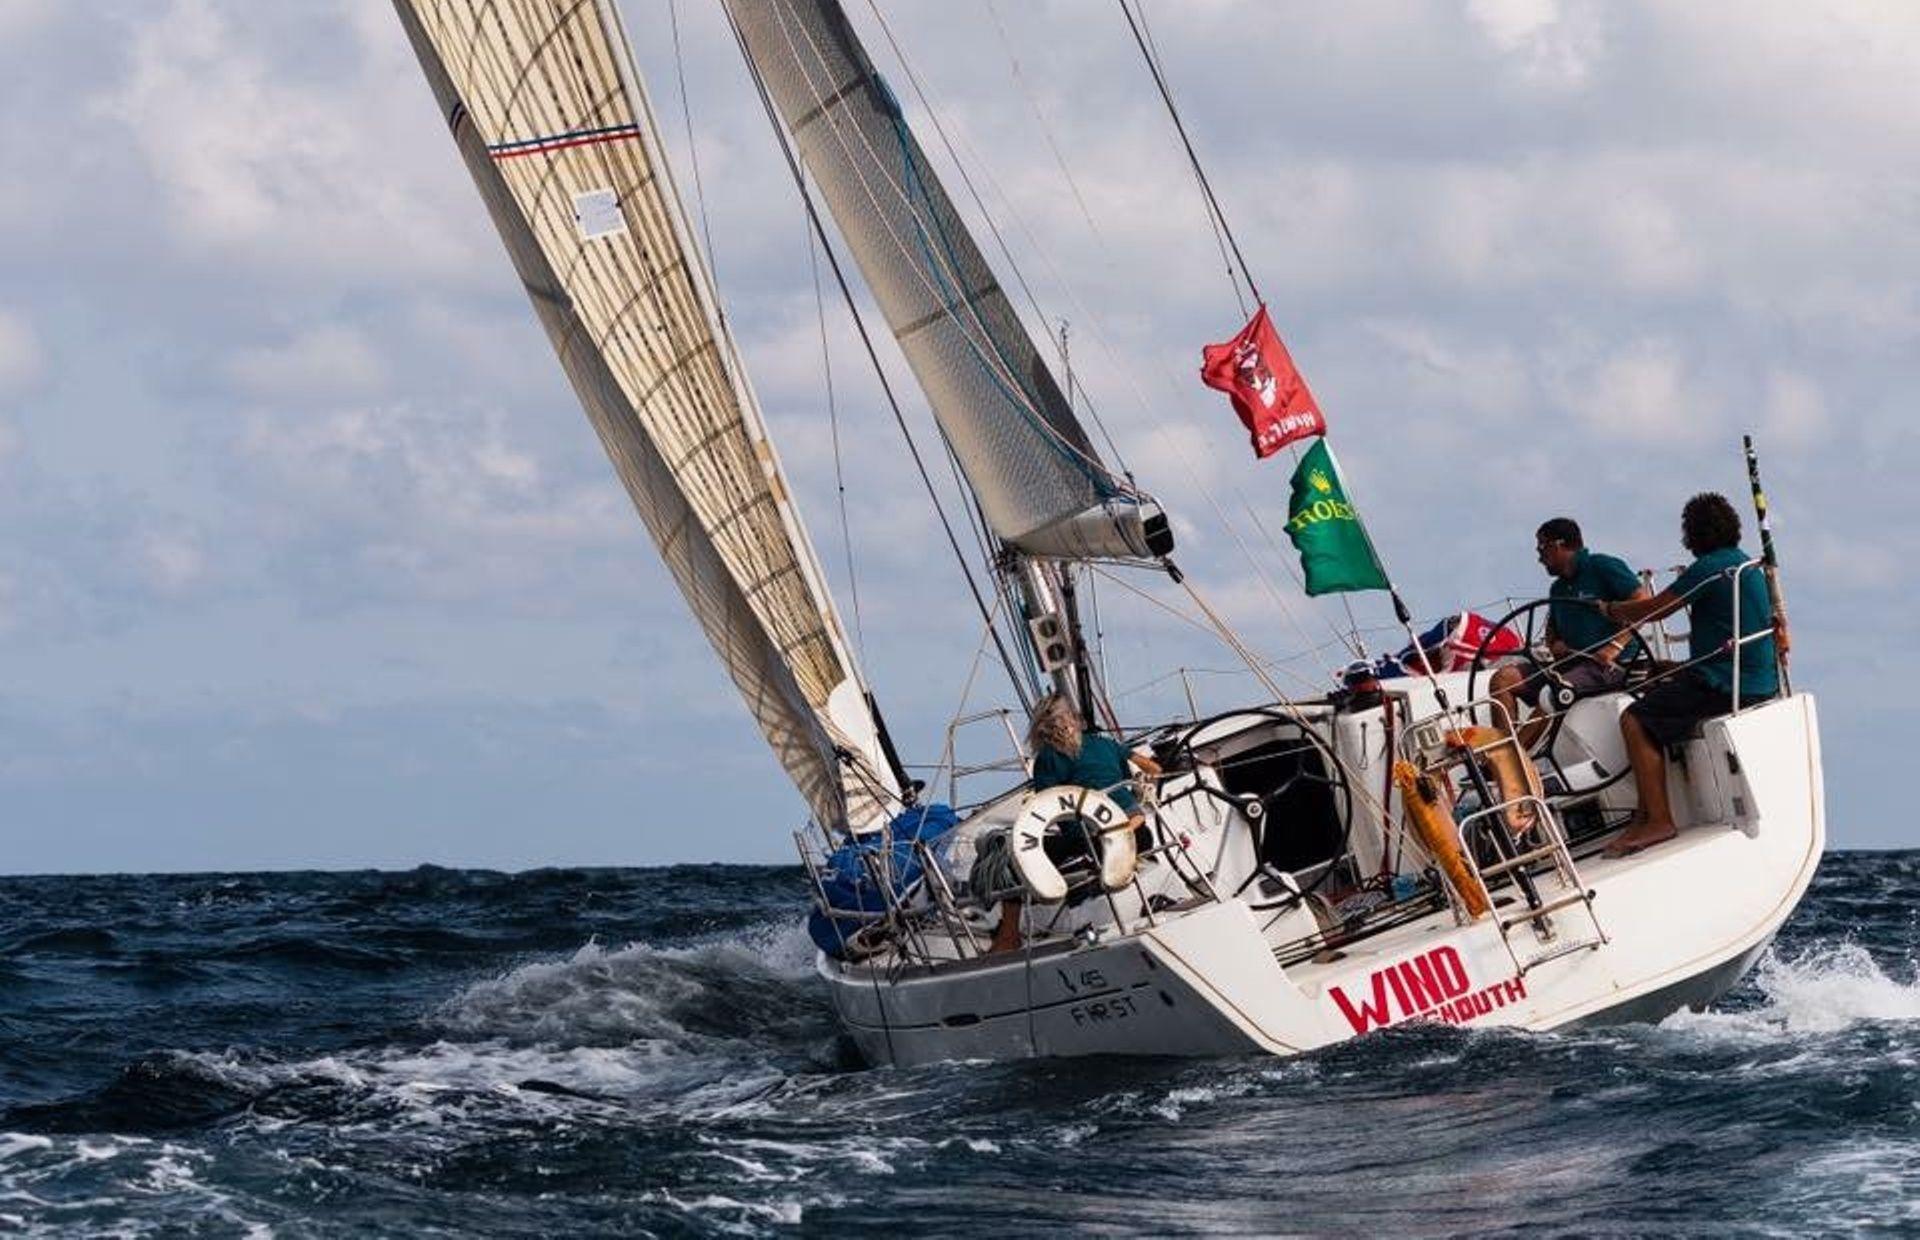 https://media.insailing.com/boat/wind/image_1564772716987.jpg